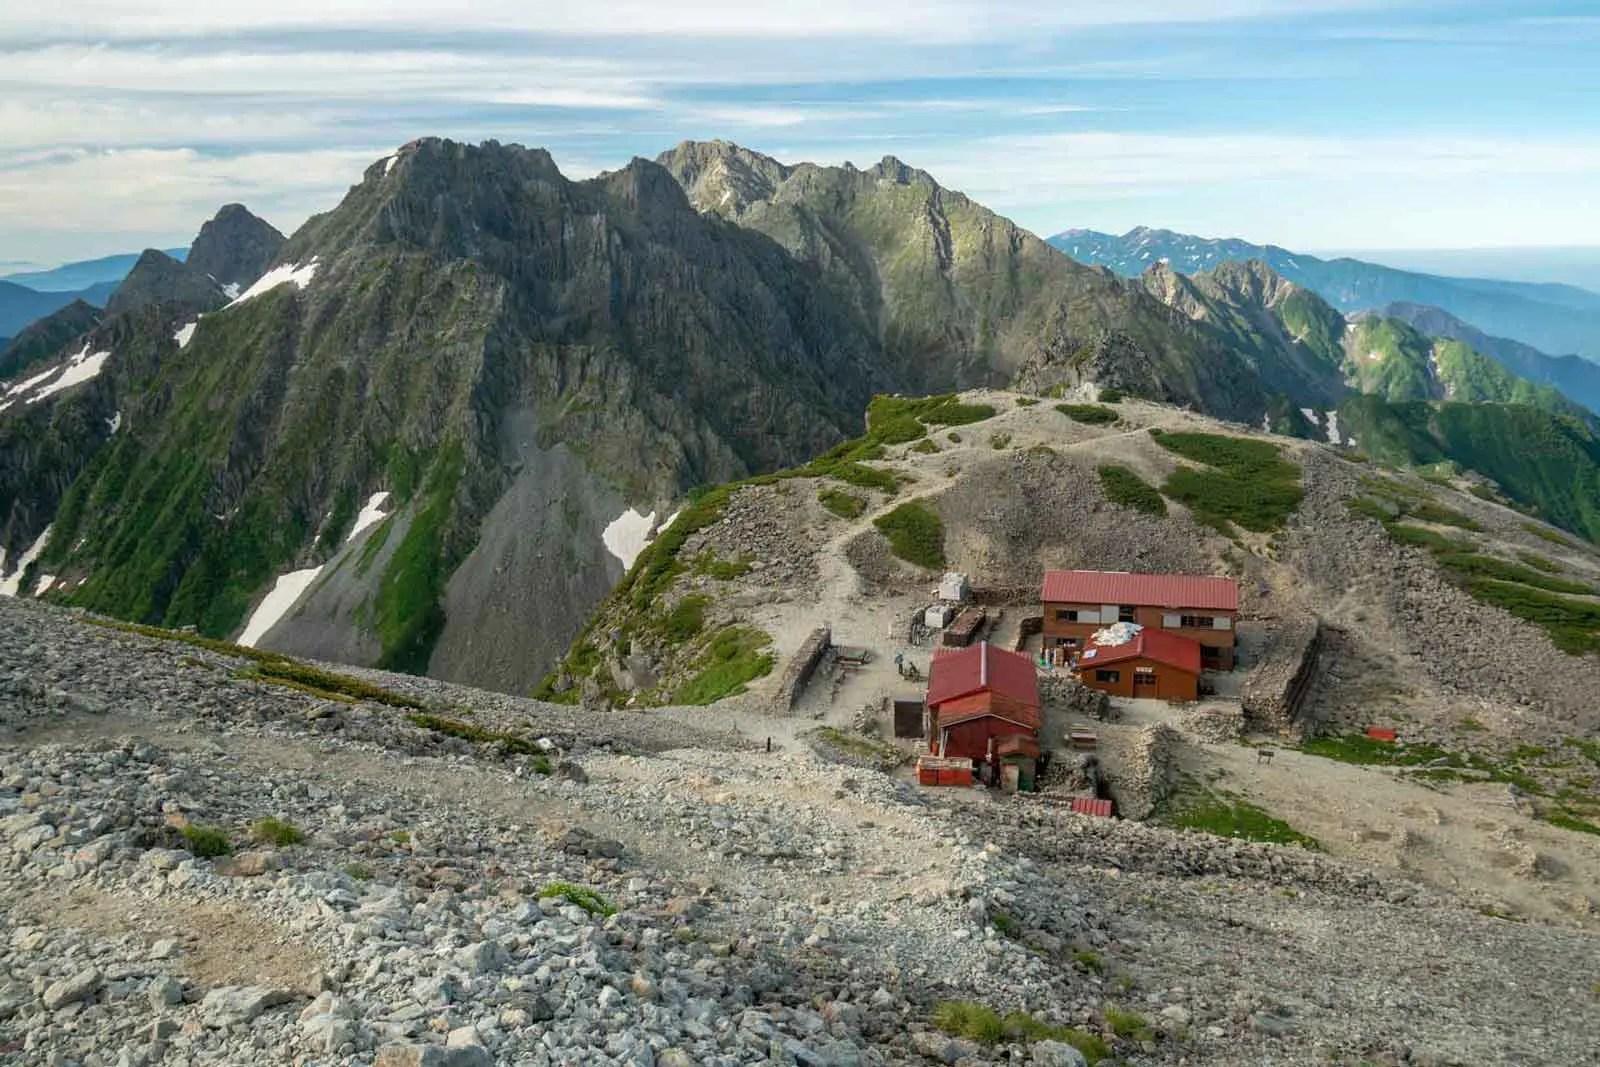 Japan Alps Traverse Kita Alps Hut Ridge